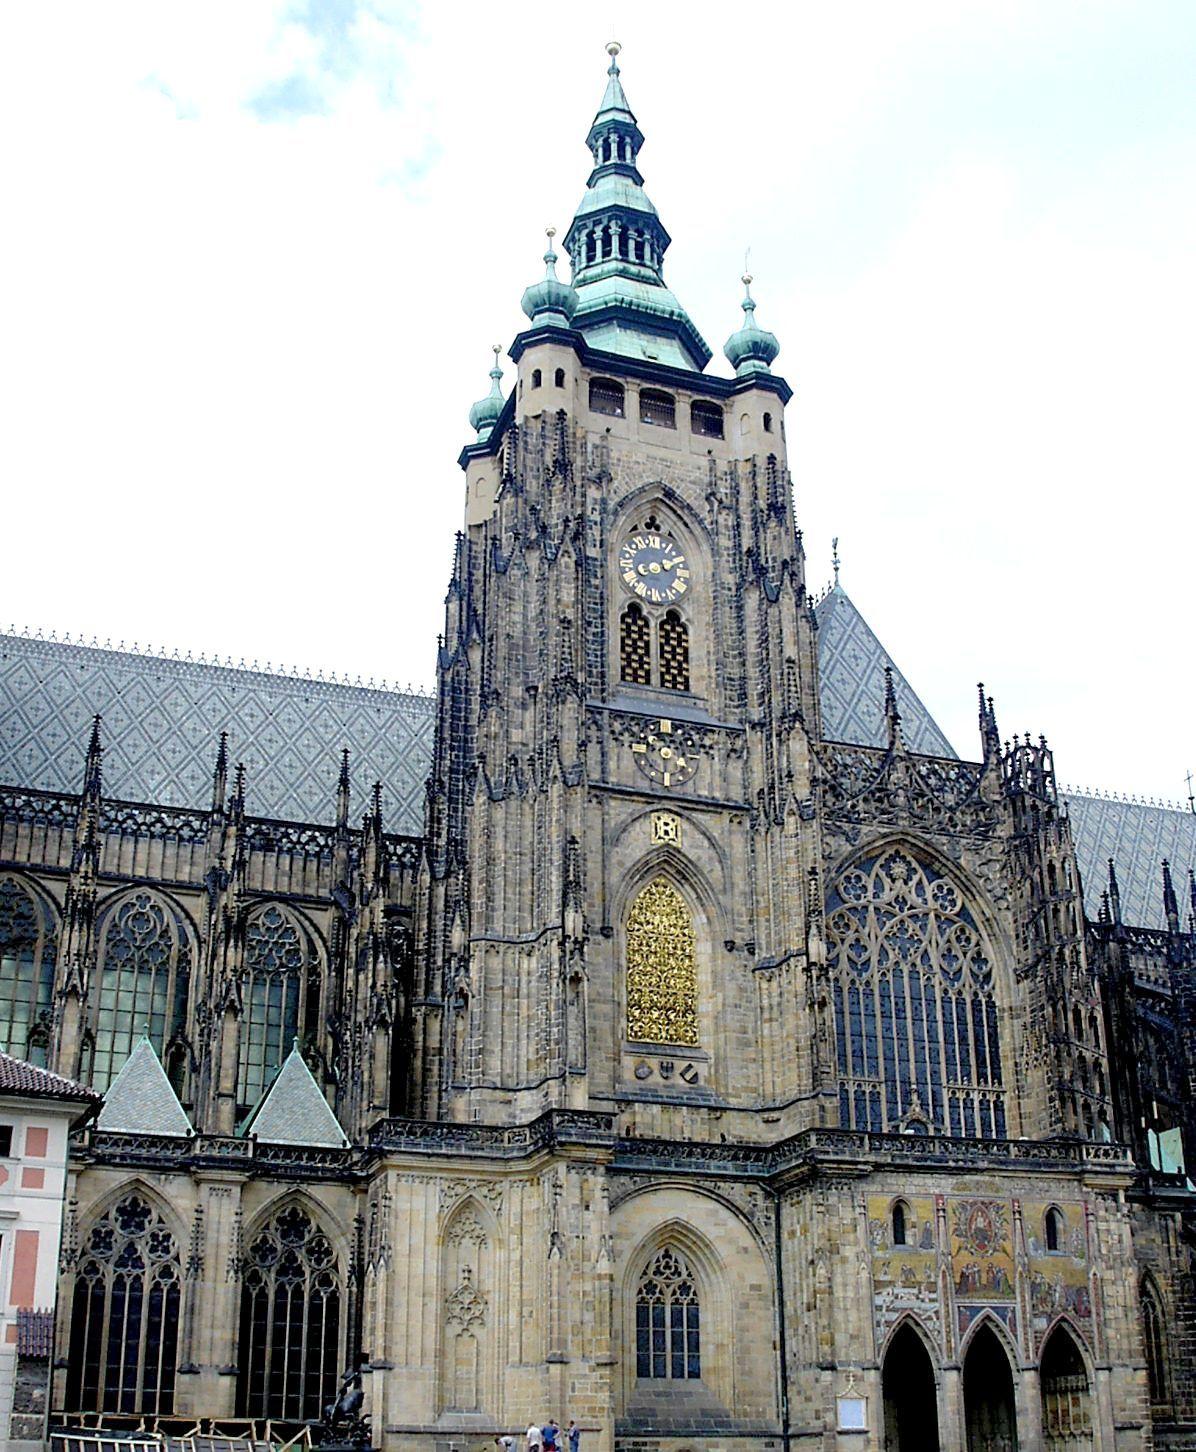 内部も、塔からの眺めも最高!プラハ城の「聖ヴィート大聖堂」